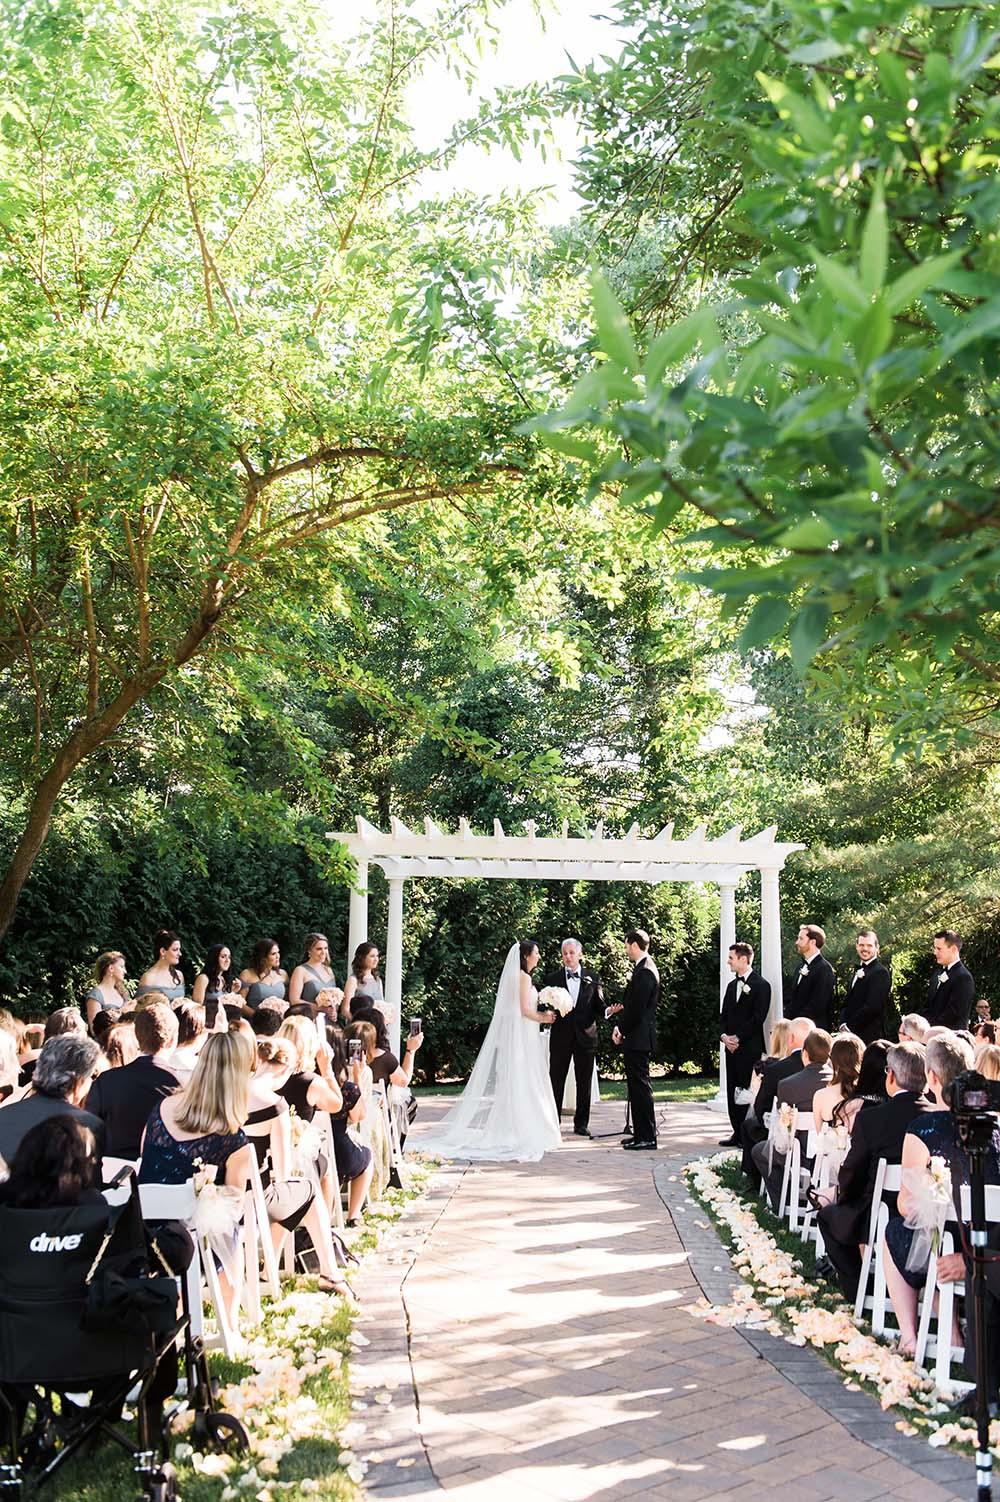 farmington-gardens-wedding-greg-lewis-photography-29